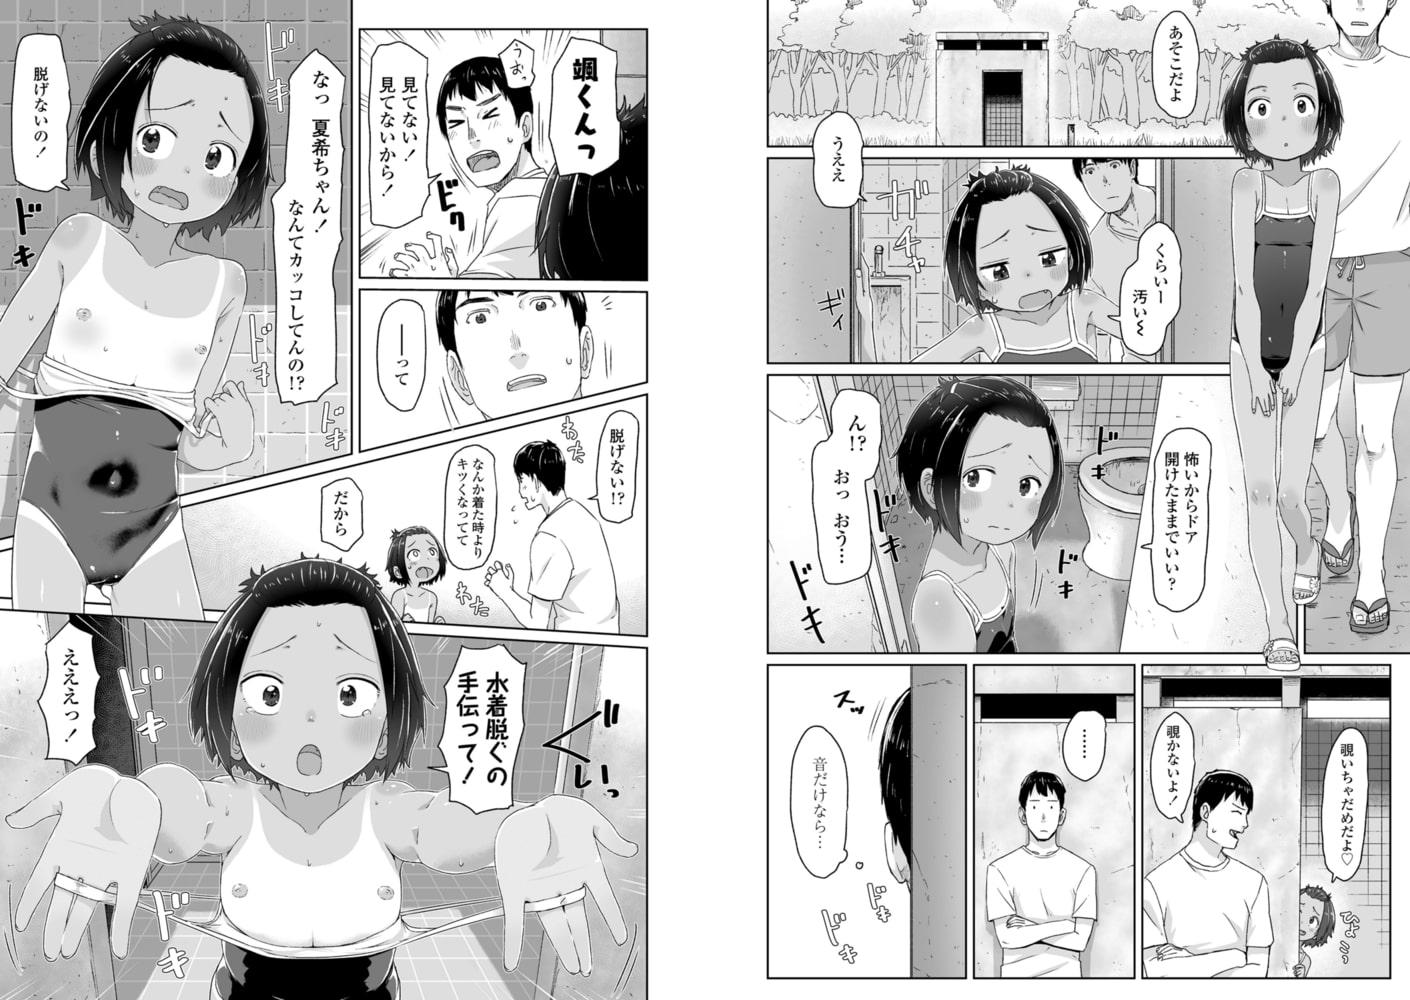 ○○○するオンナノコ【DLsite限定特典付き】